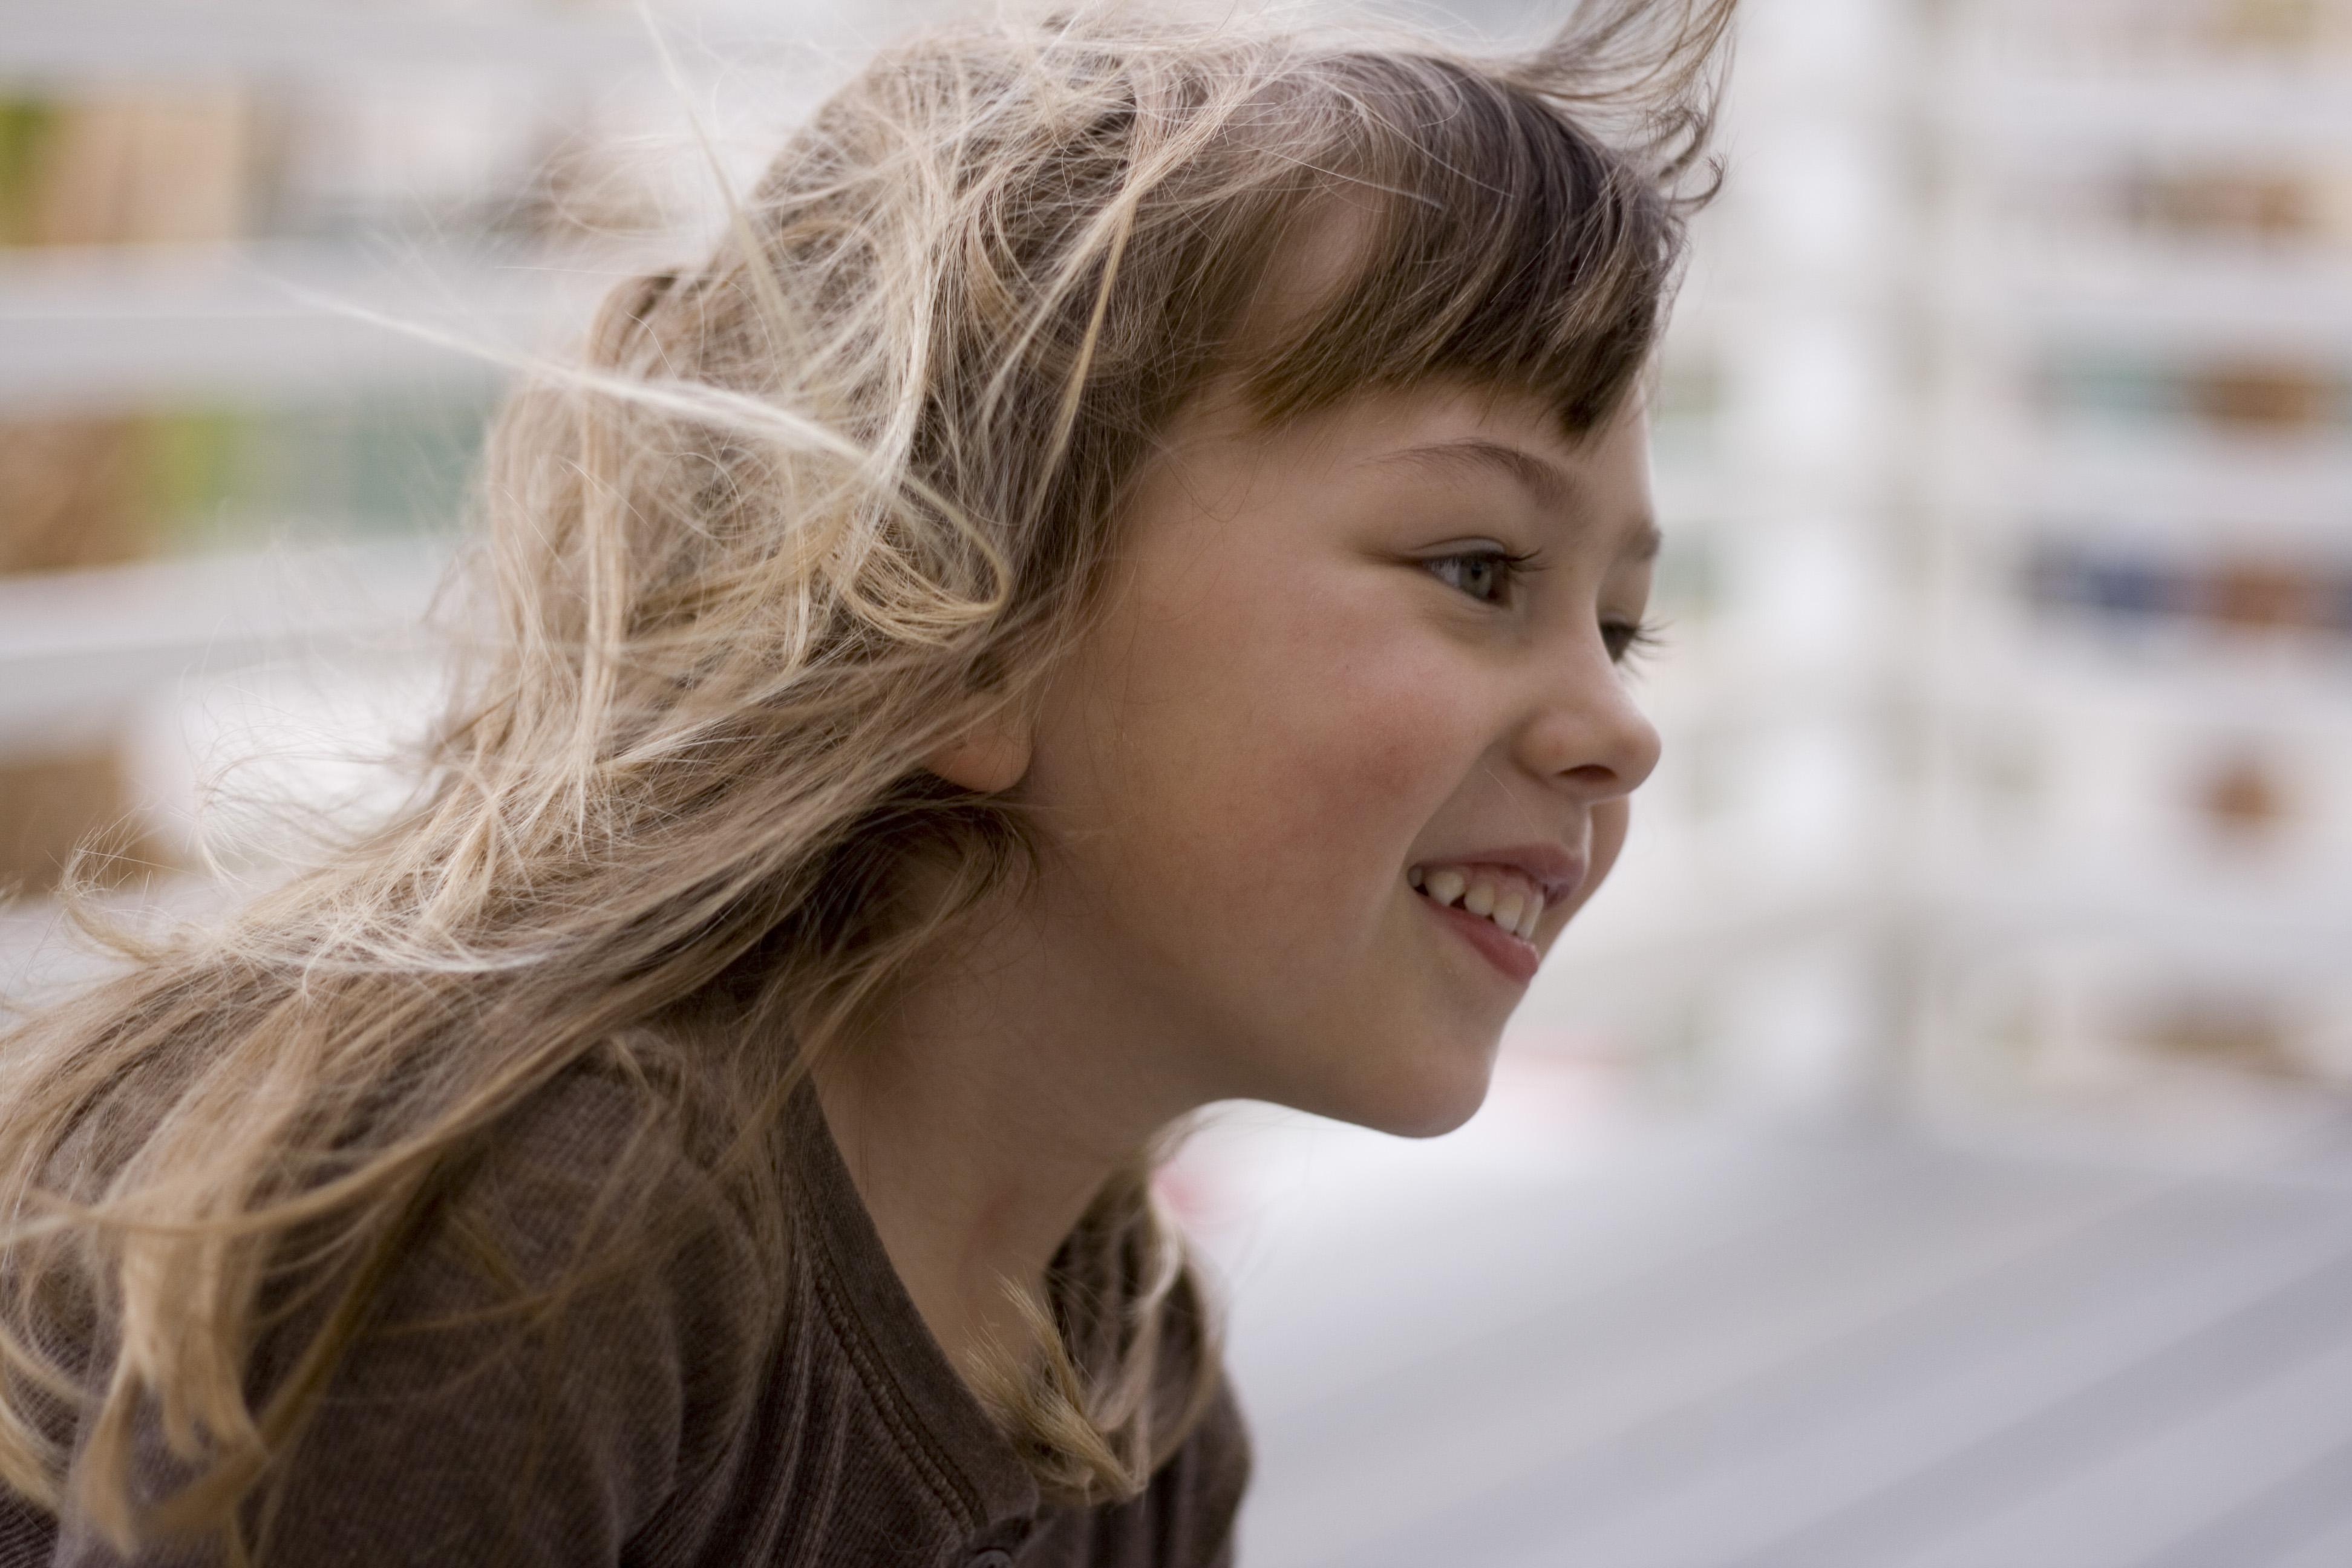 Kenmerken Van Het Syndroom Van Asperger Kinderen Met: descriptionebooks.com/description/syndroom-van-asperger-wikipedia